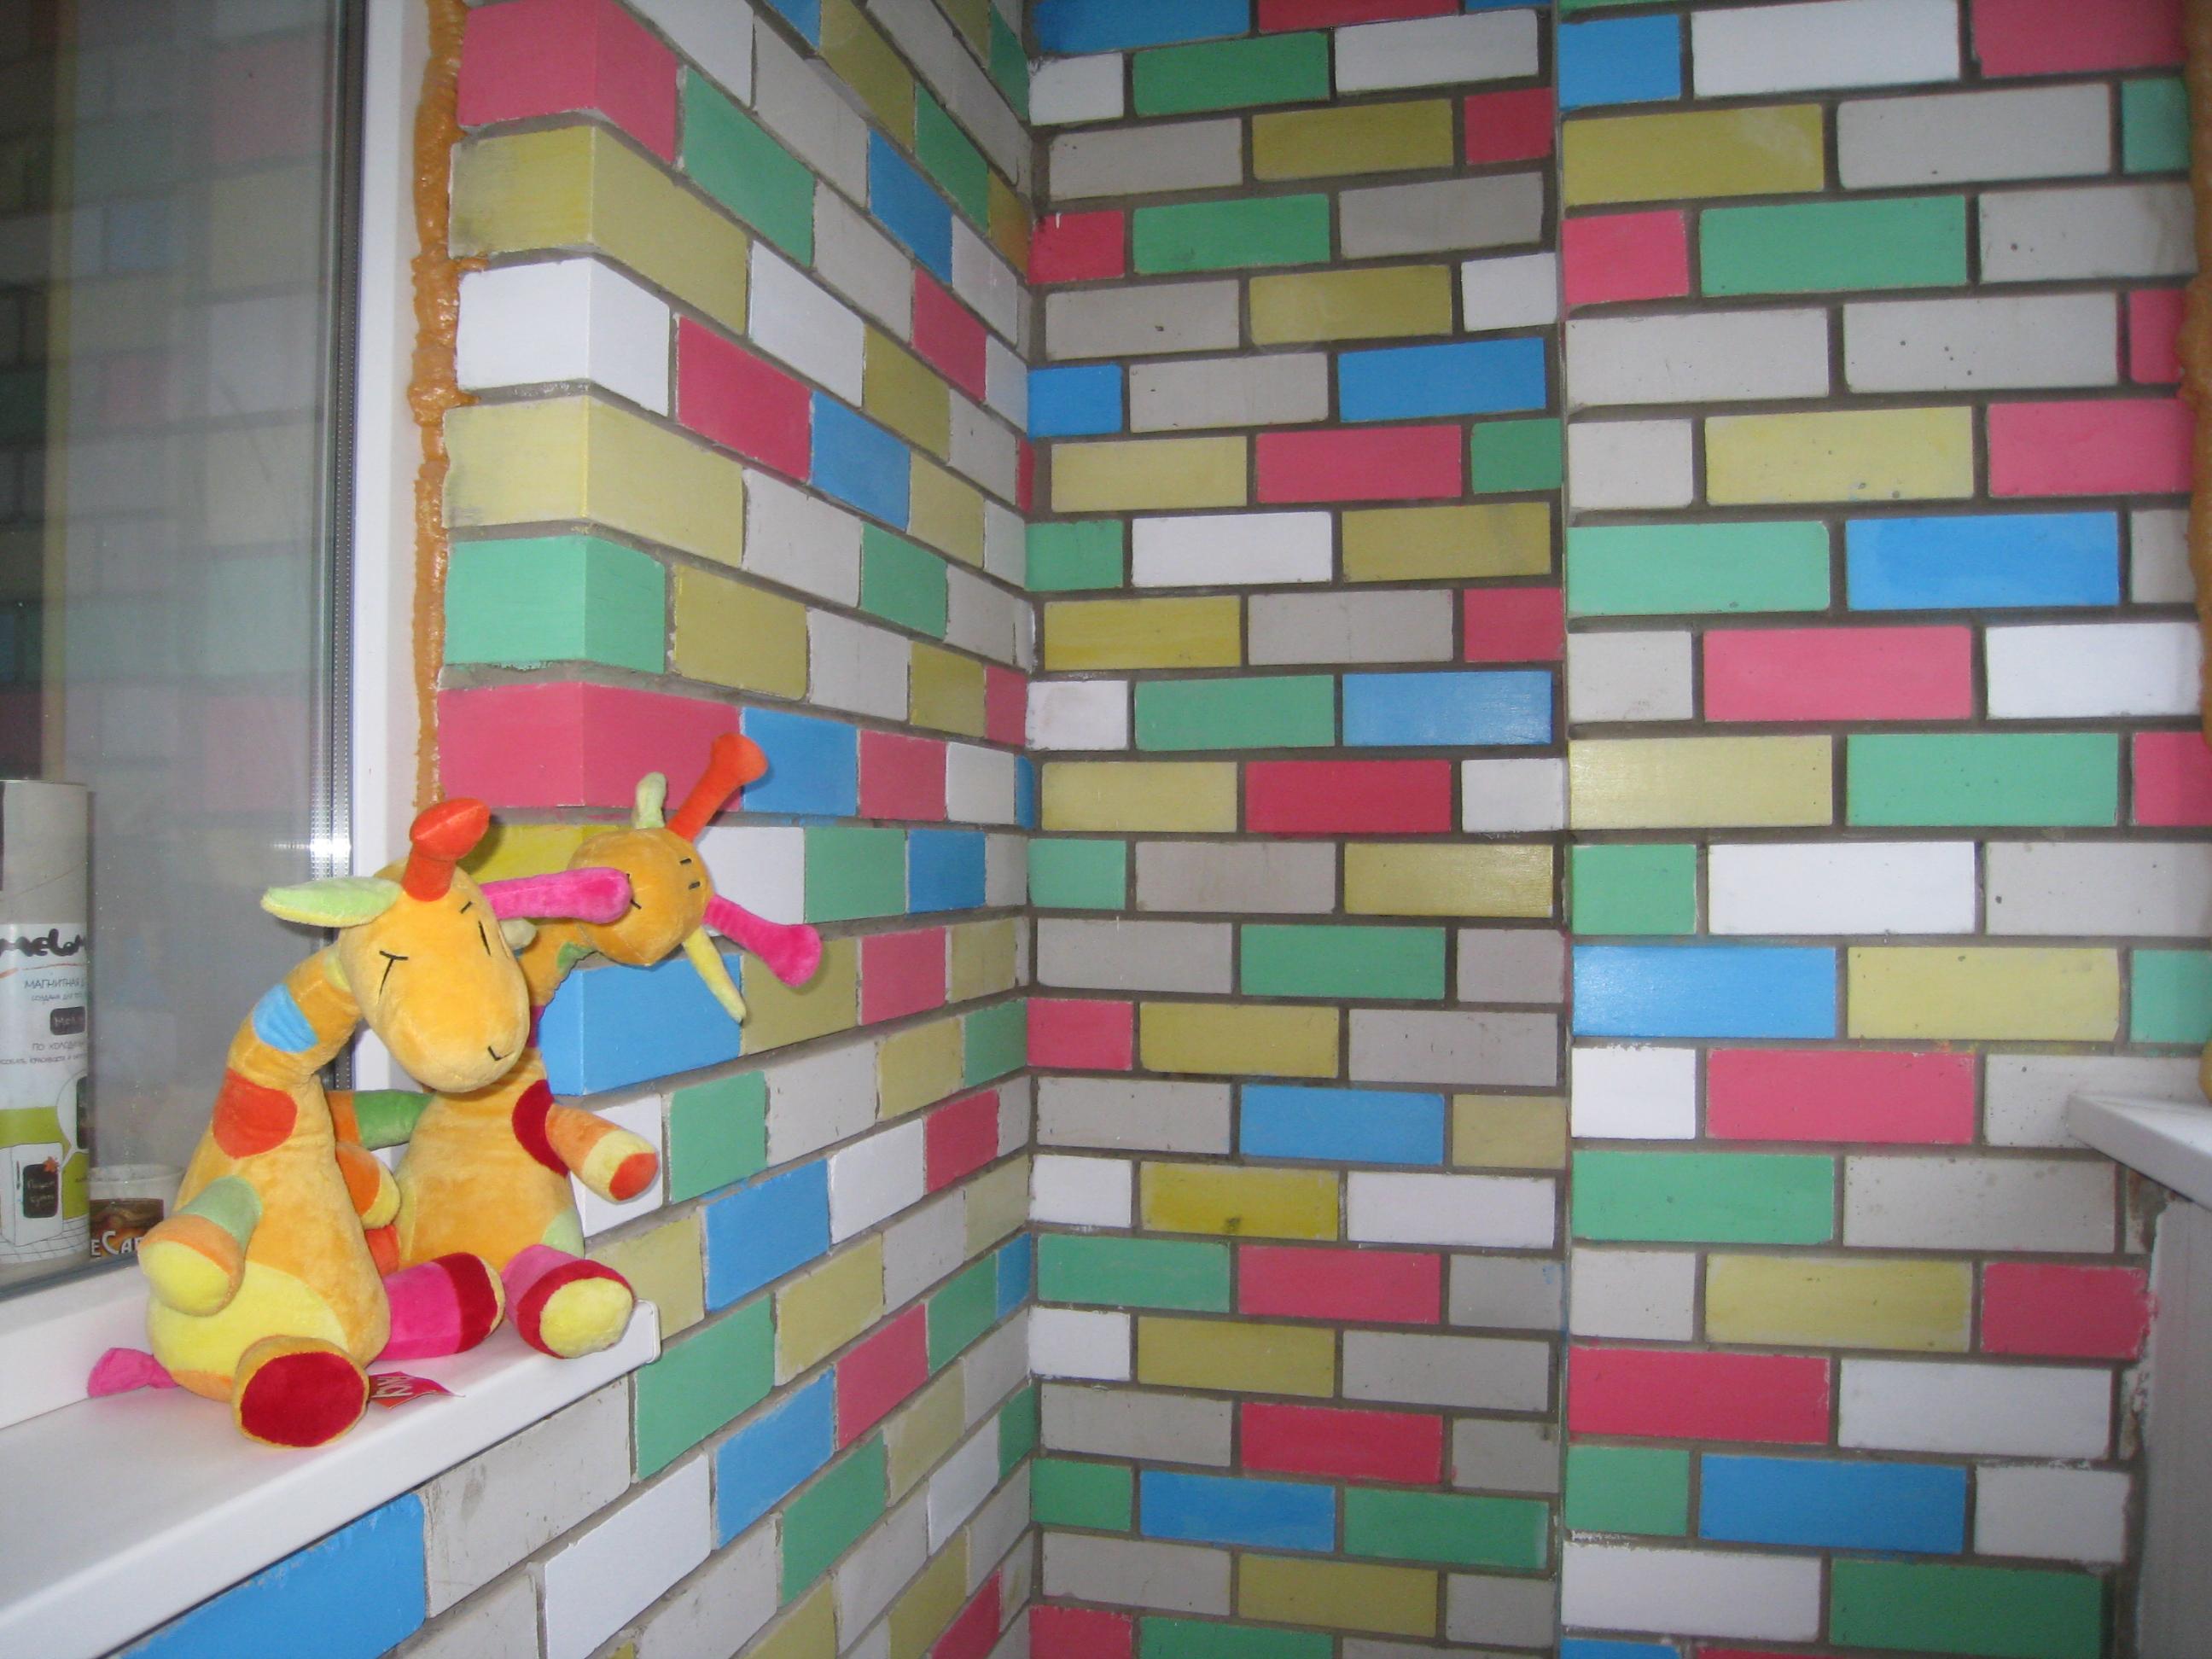 Как покрасить кирпичную стену: инструкция по окраске своими .